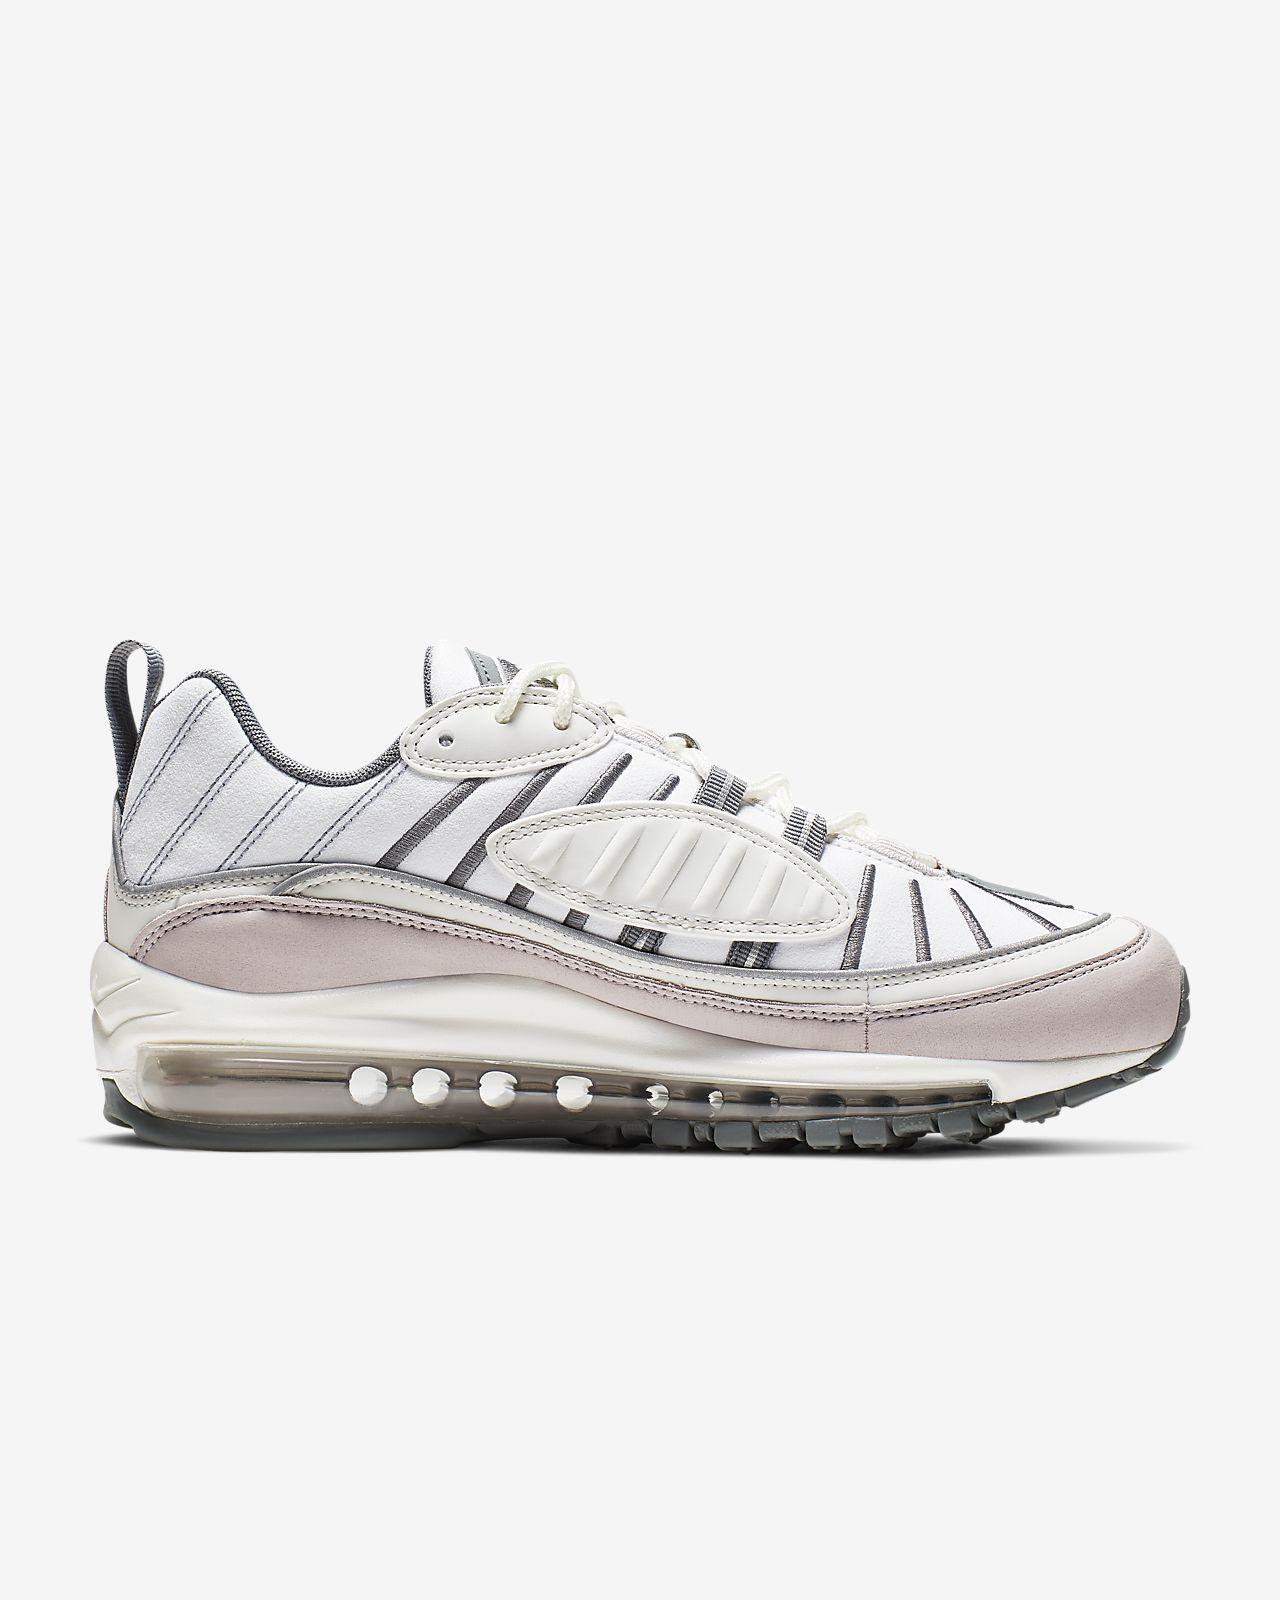 official photos 44b4c 4f21d Nike Air Max 98 Women's Shoe